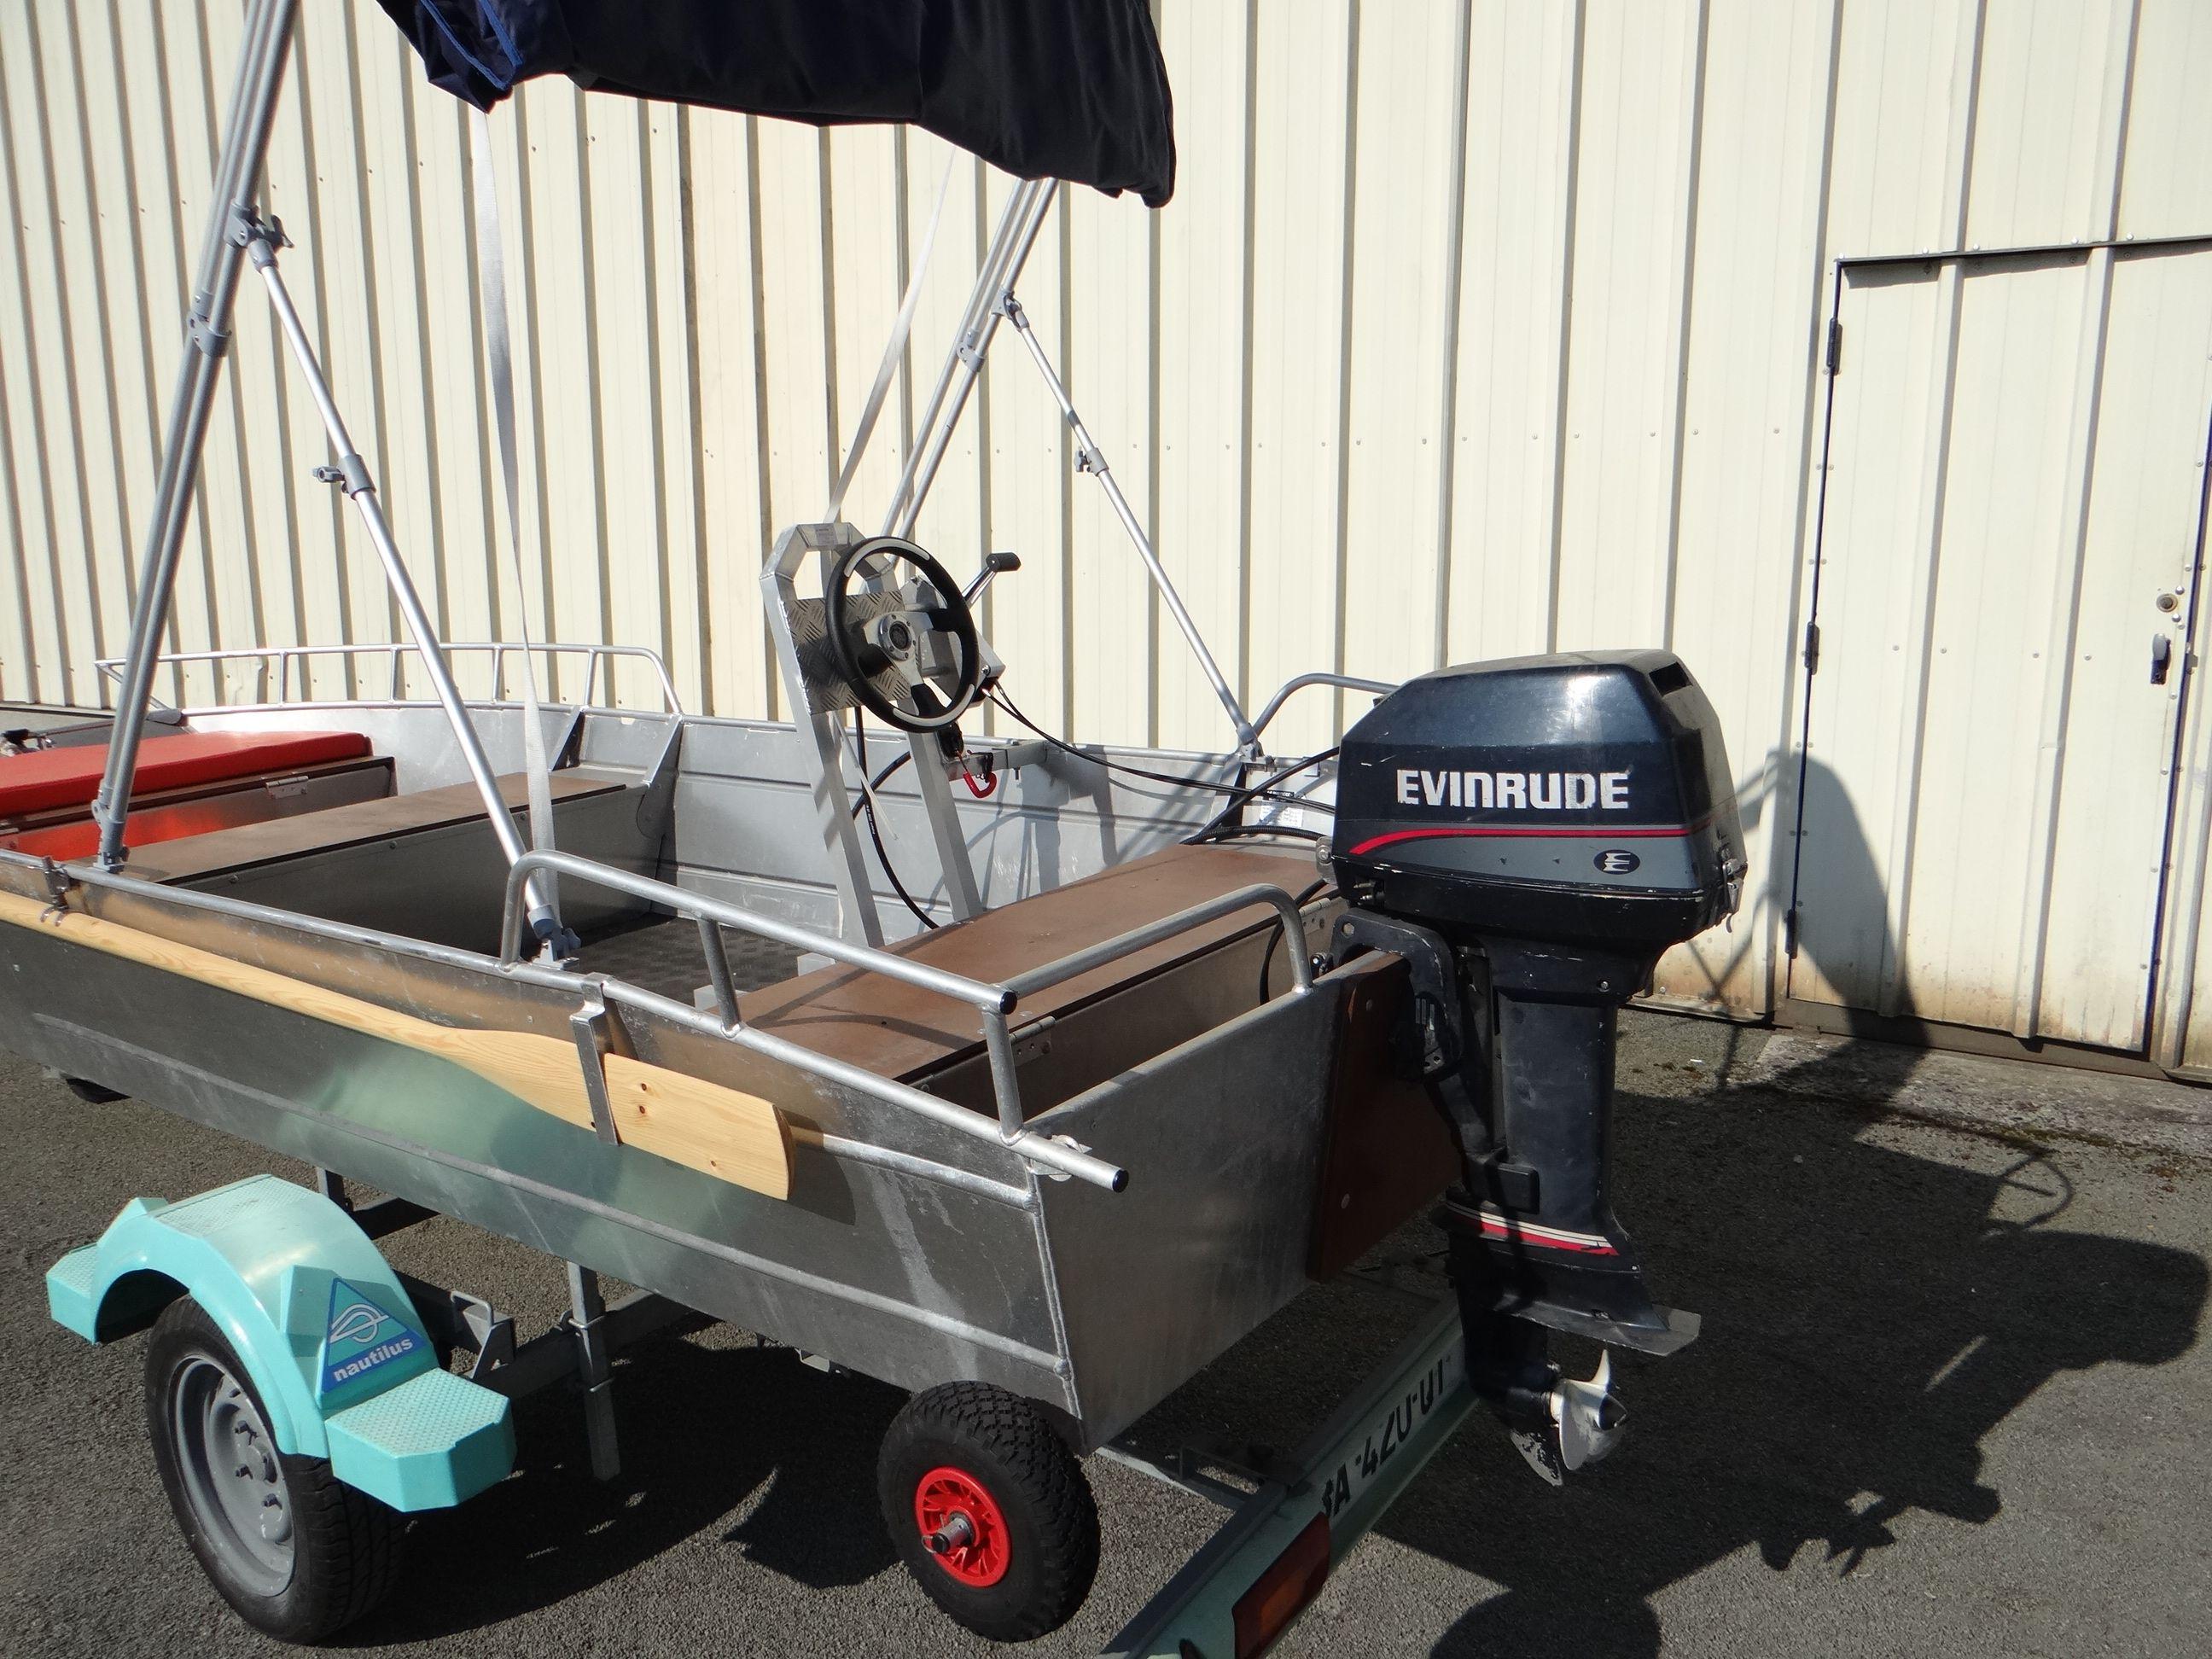 Barco de aluminio equipado con un volante (2)